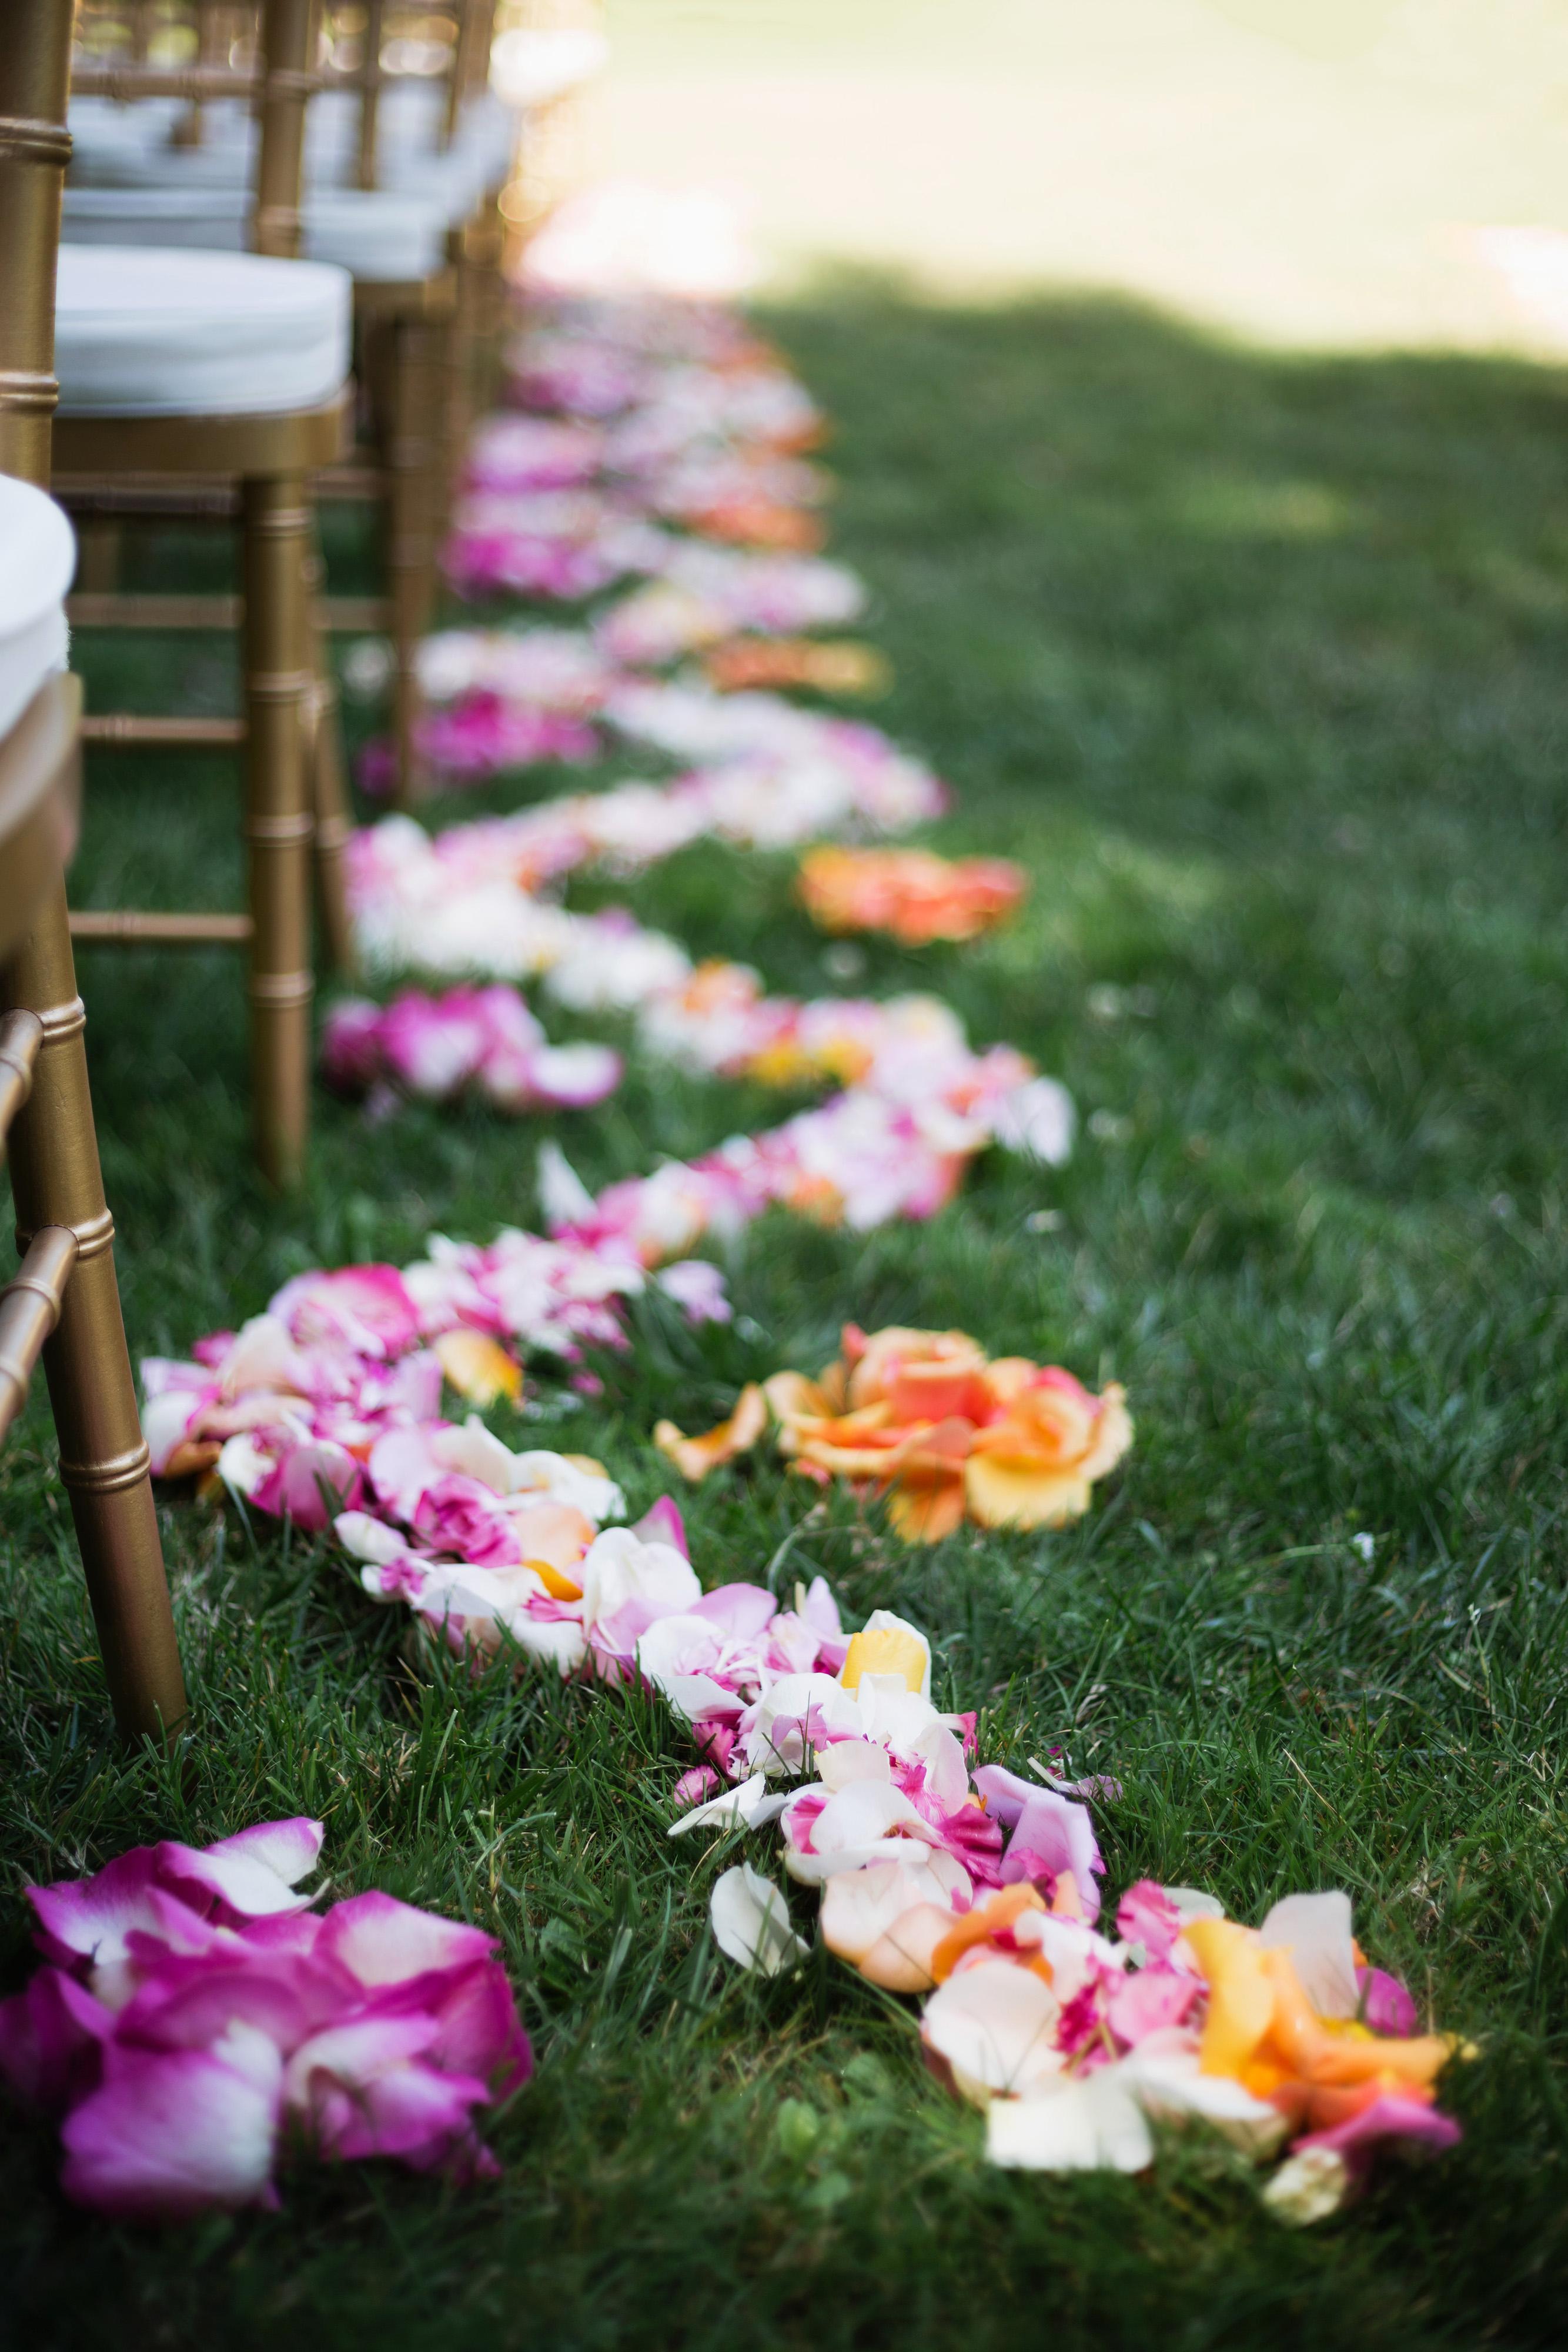 molly adam wedding aisle petals